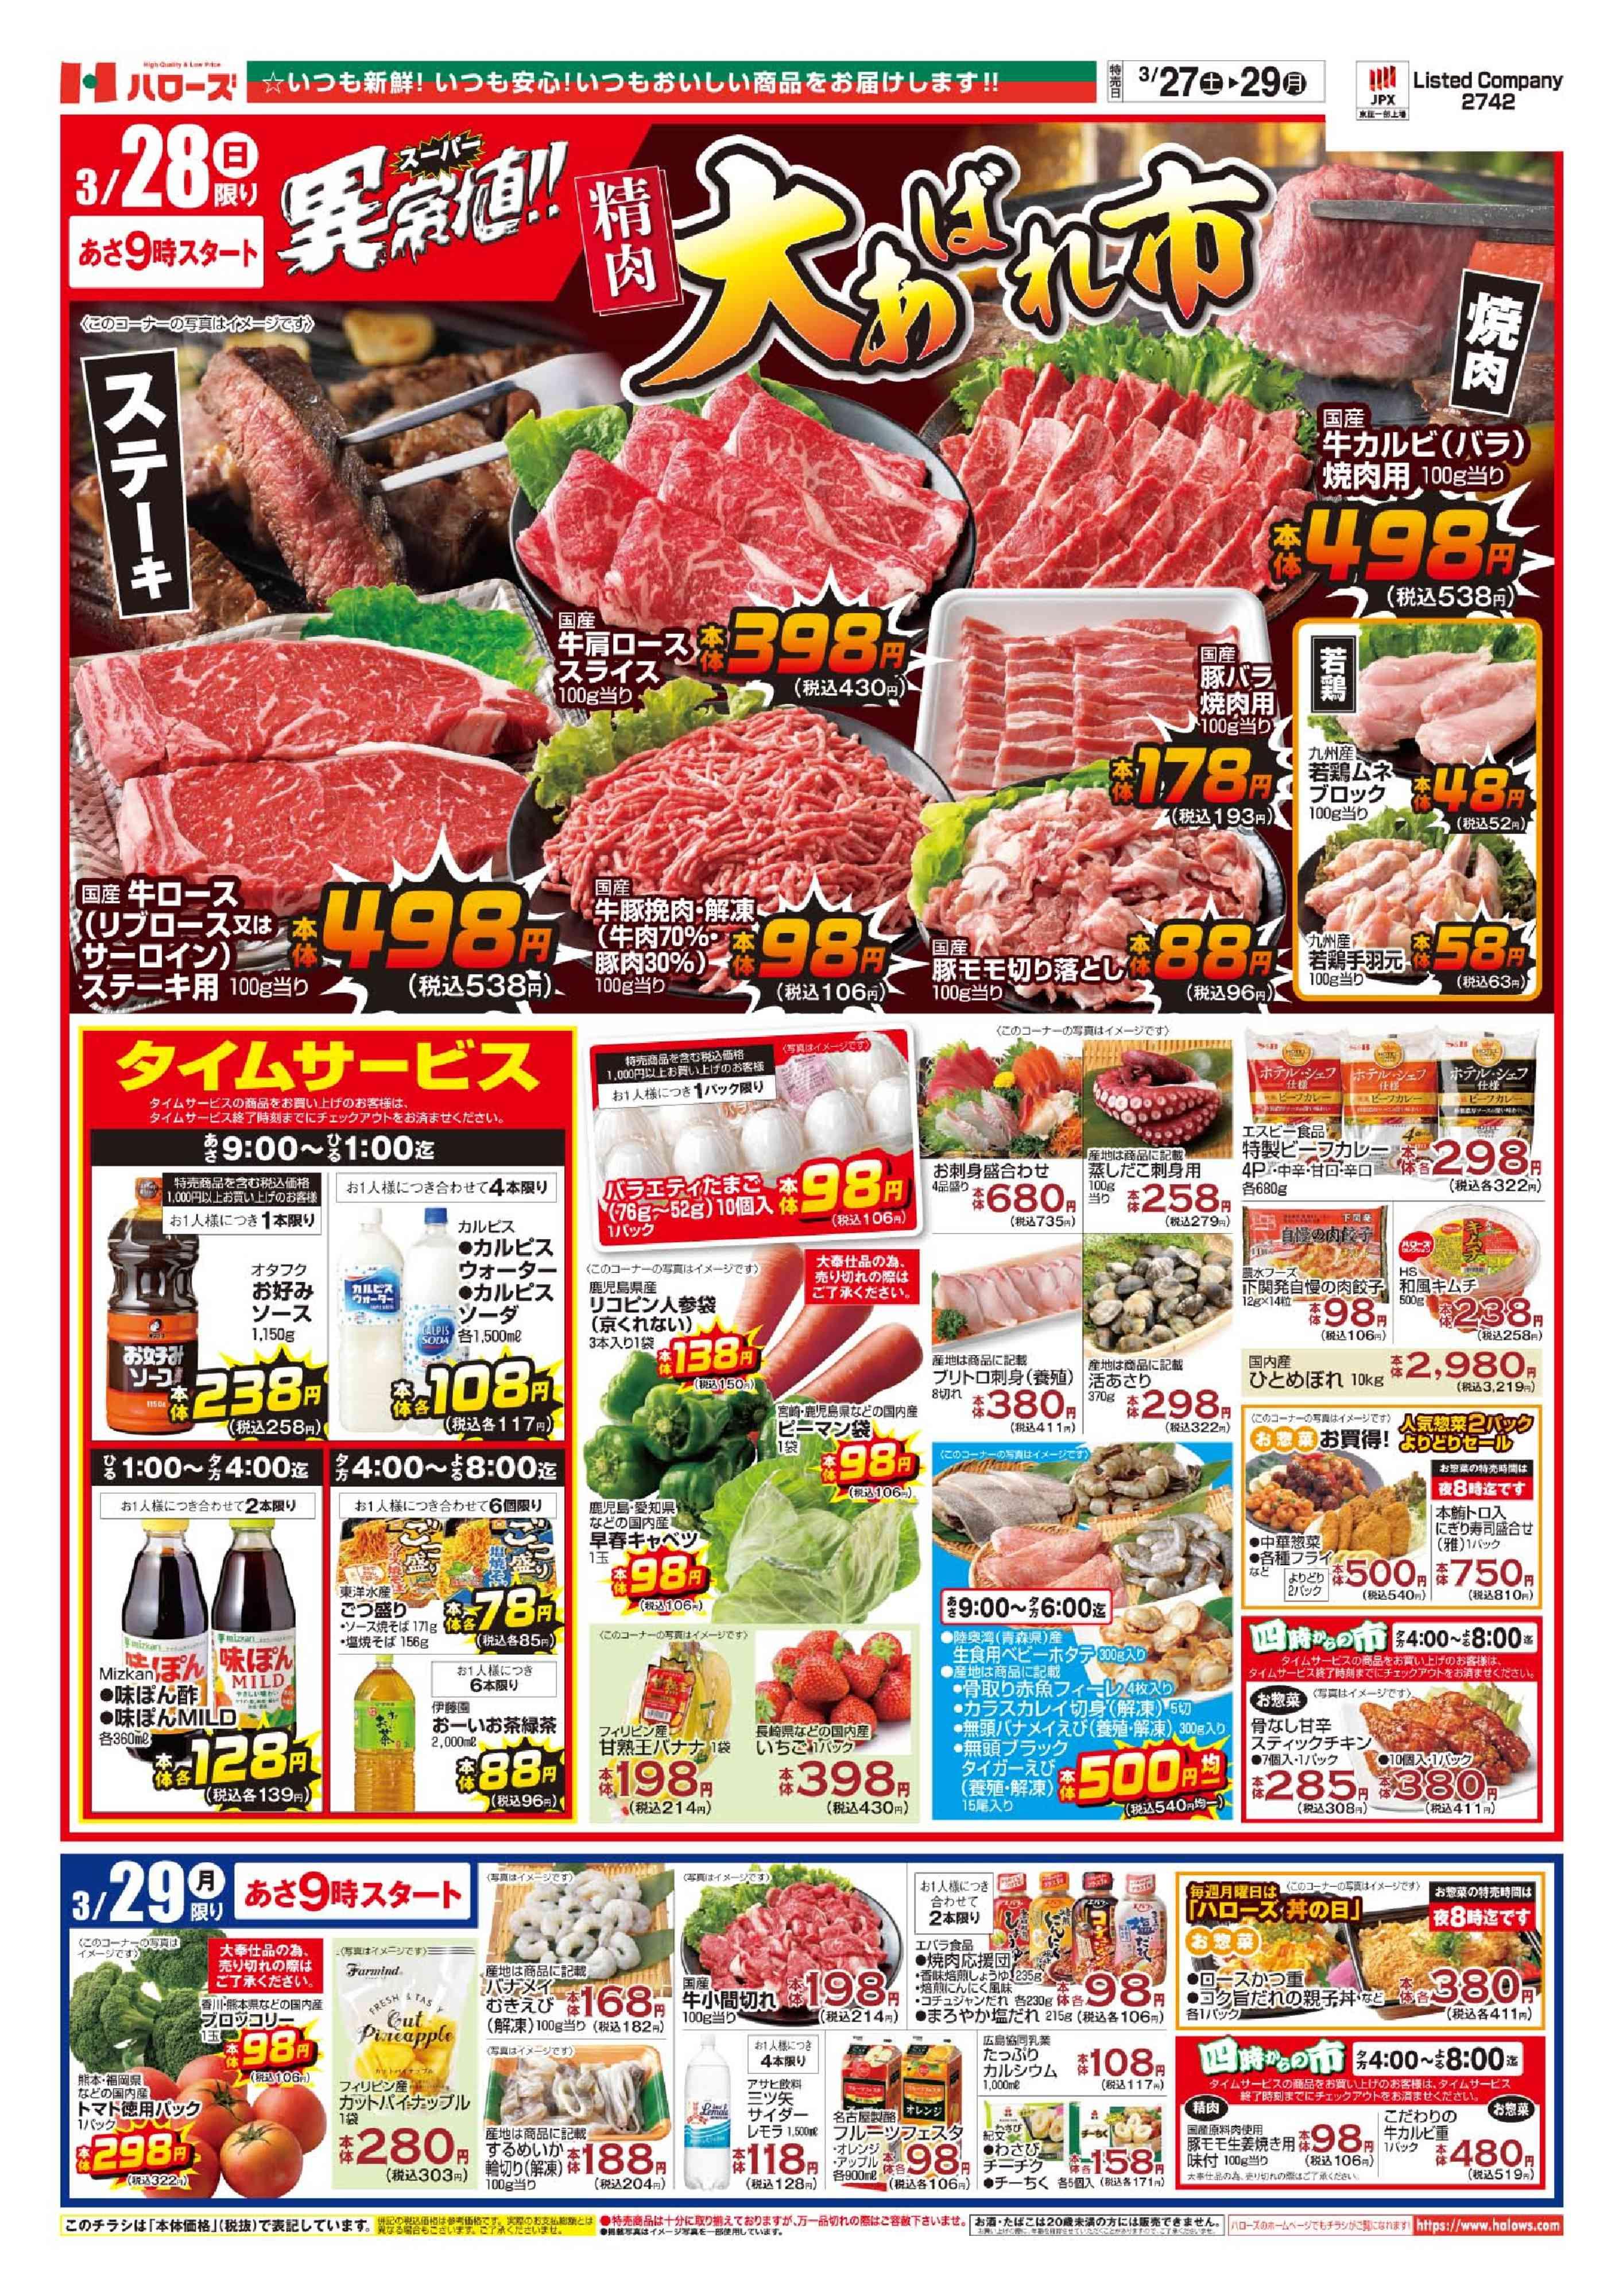 ハローズ 東 加古川 店